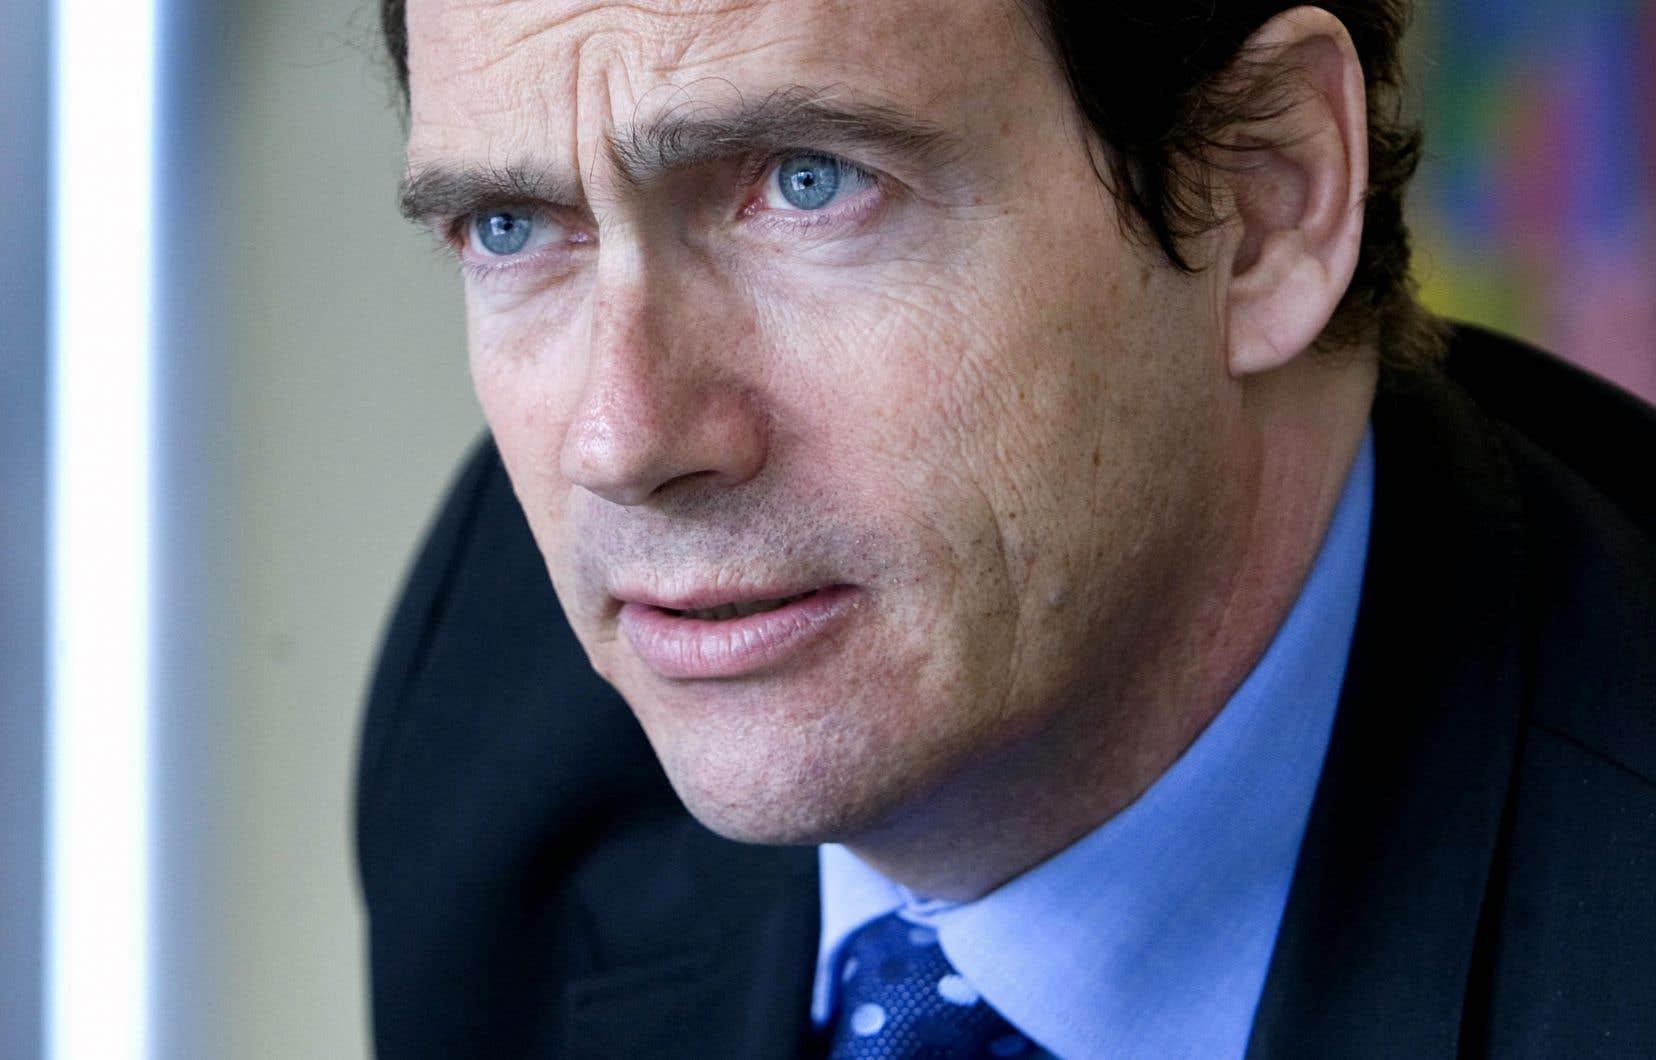 Le plaidoyer de culpabilité de l'ancien chef du PQ,Pierre Karl Péladeau, met en danger les contrats entre l'État québécois et Québecor.